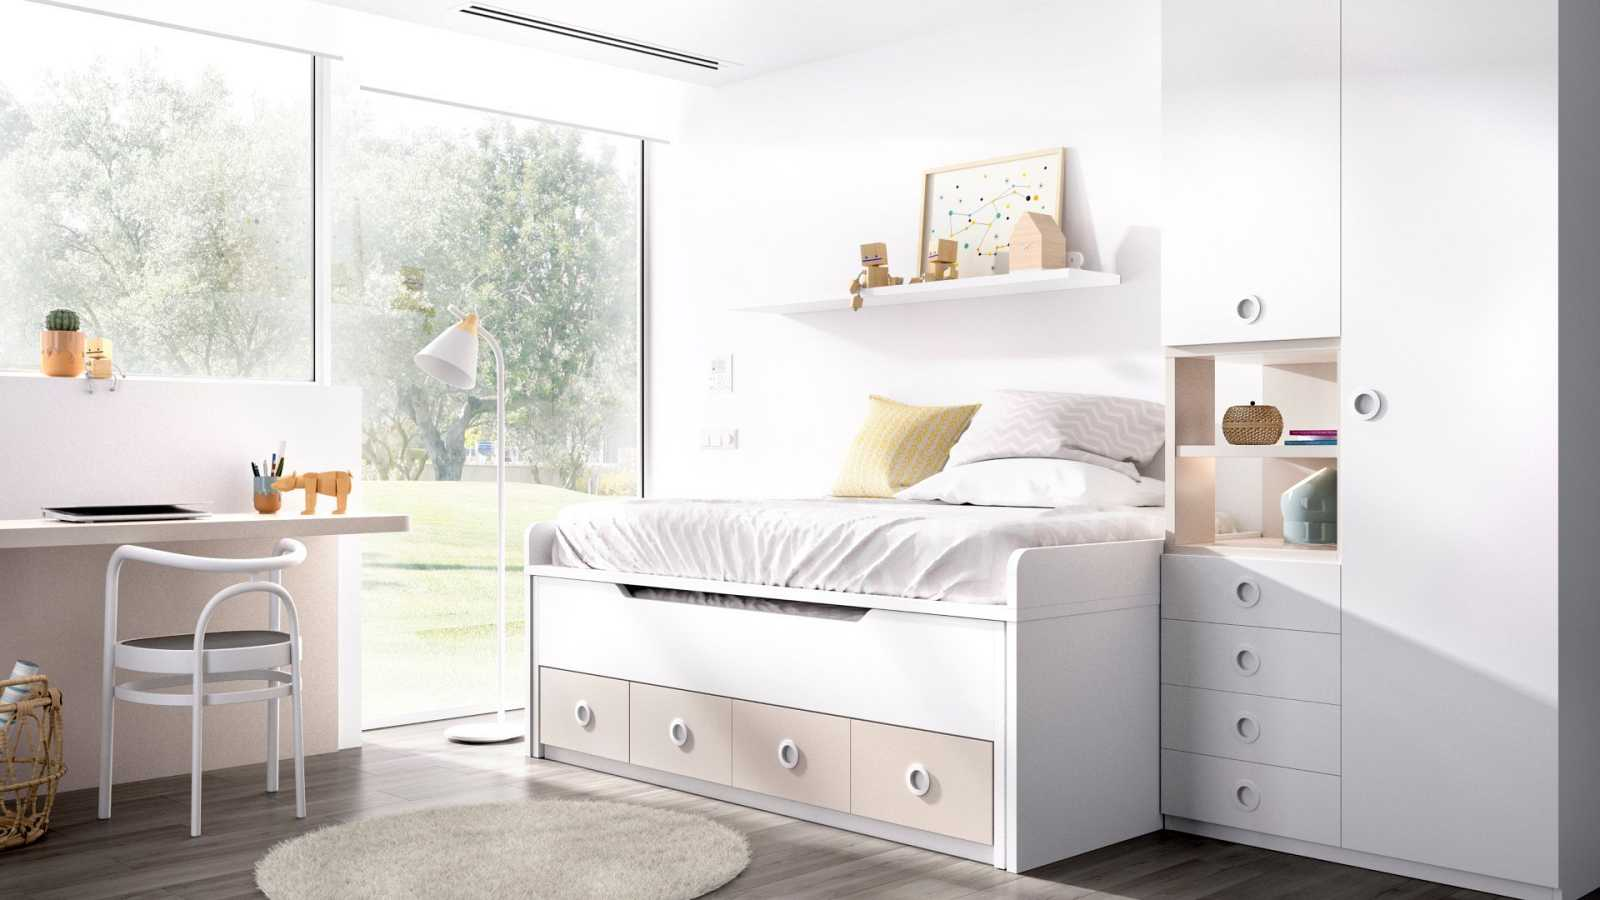 Es importante saber aprovechar bien los espacios del dormitorio para poder crear ese refugio que neceitan los más pequeños